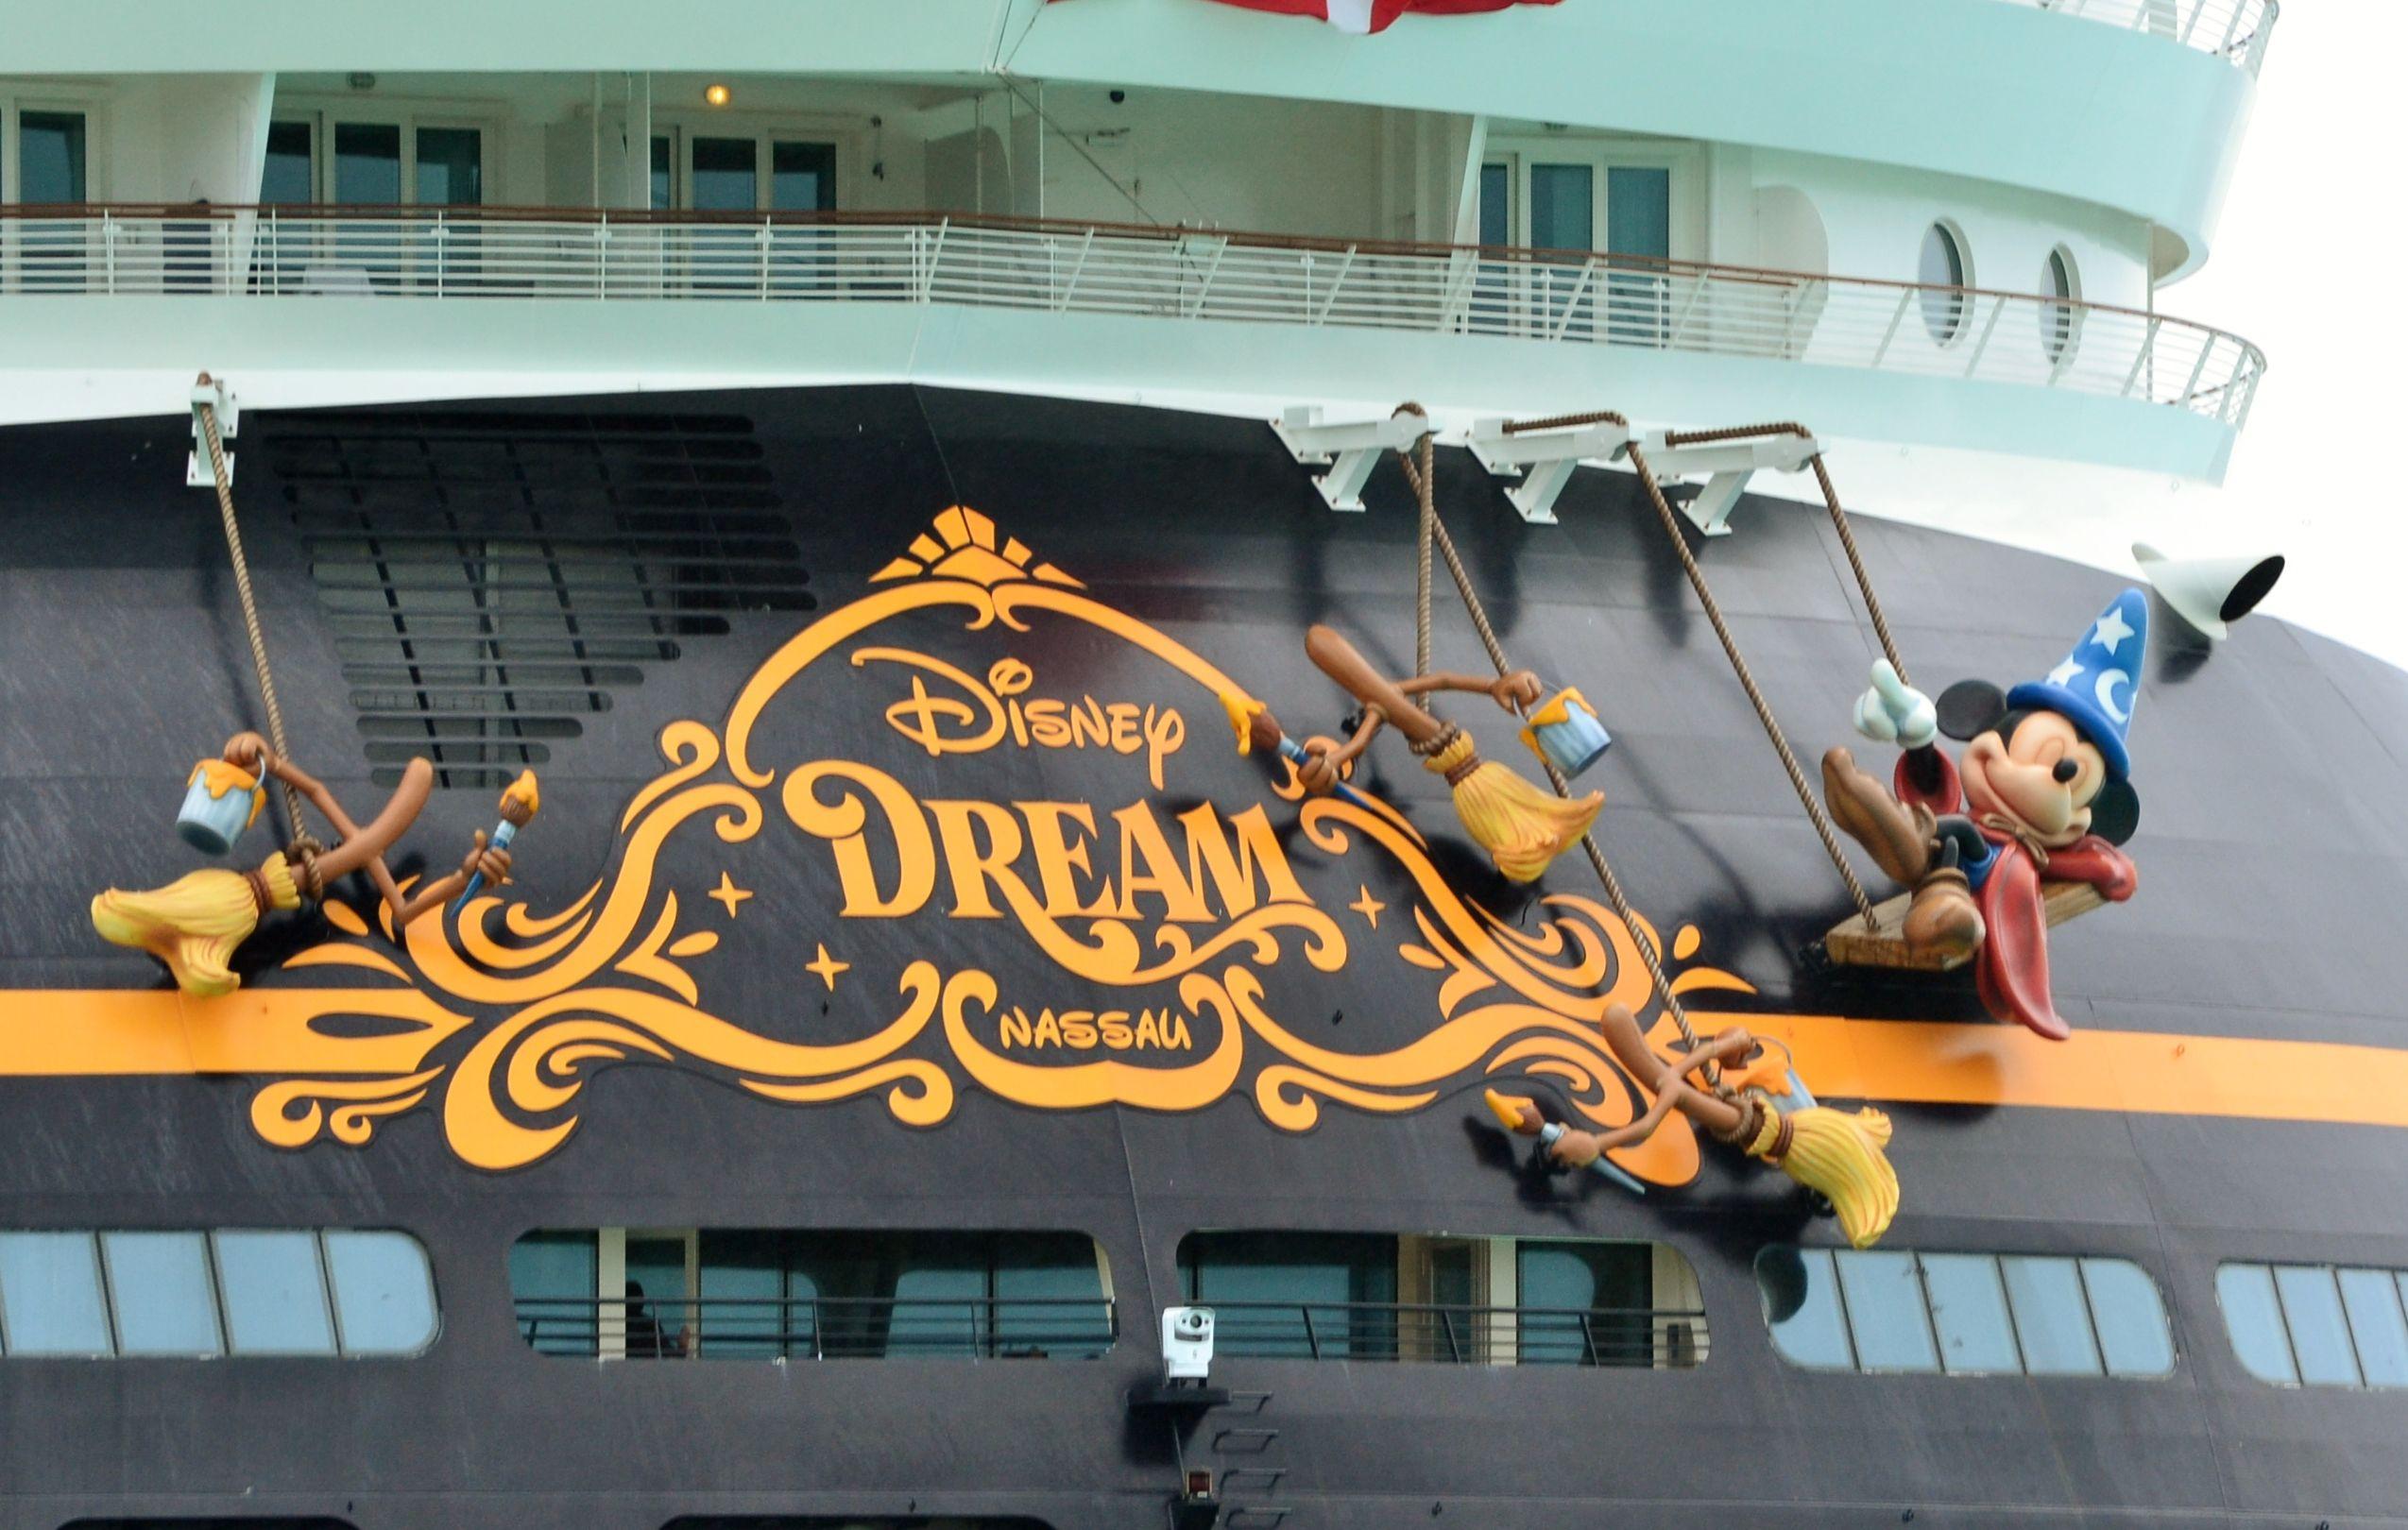 Top 5 Disney Dream Activities For Kids